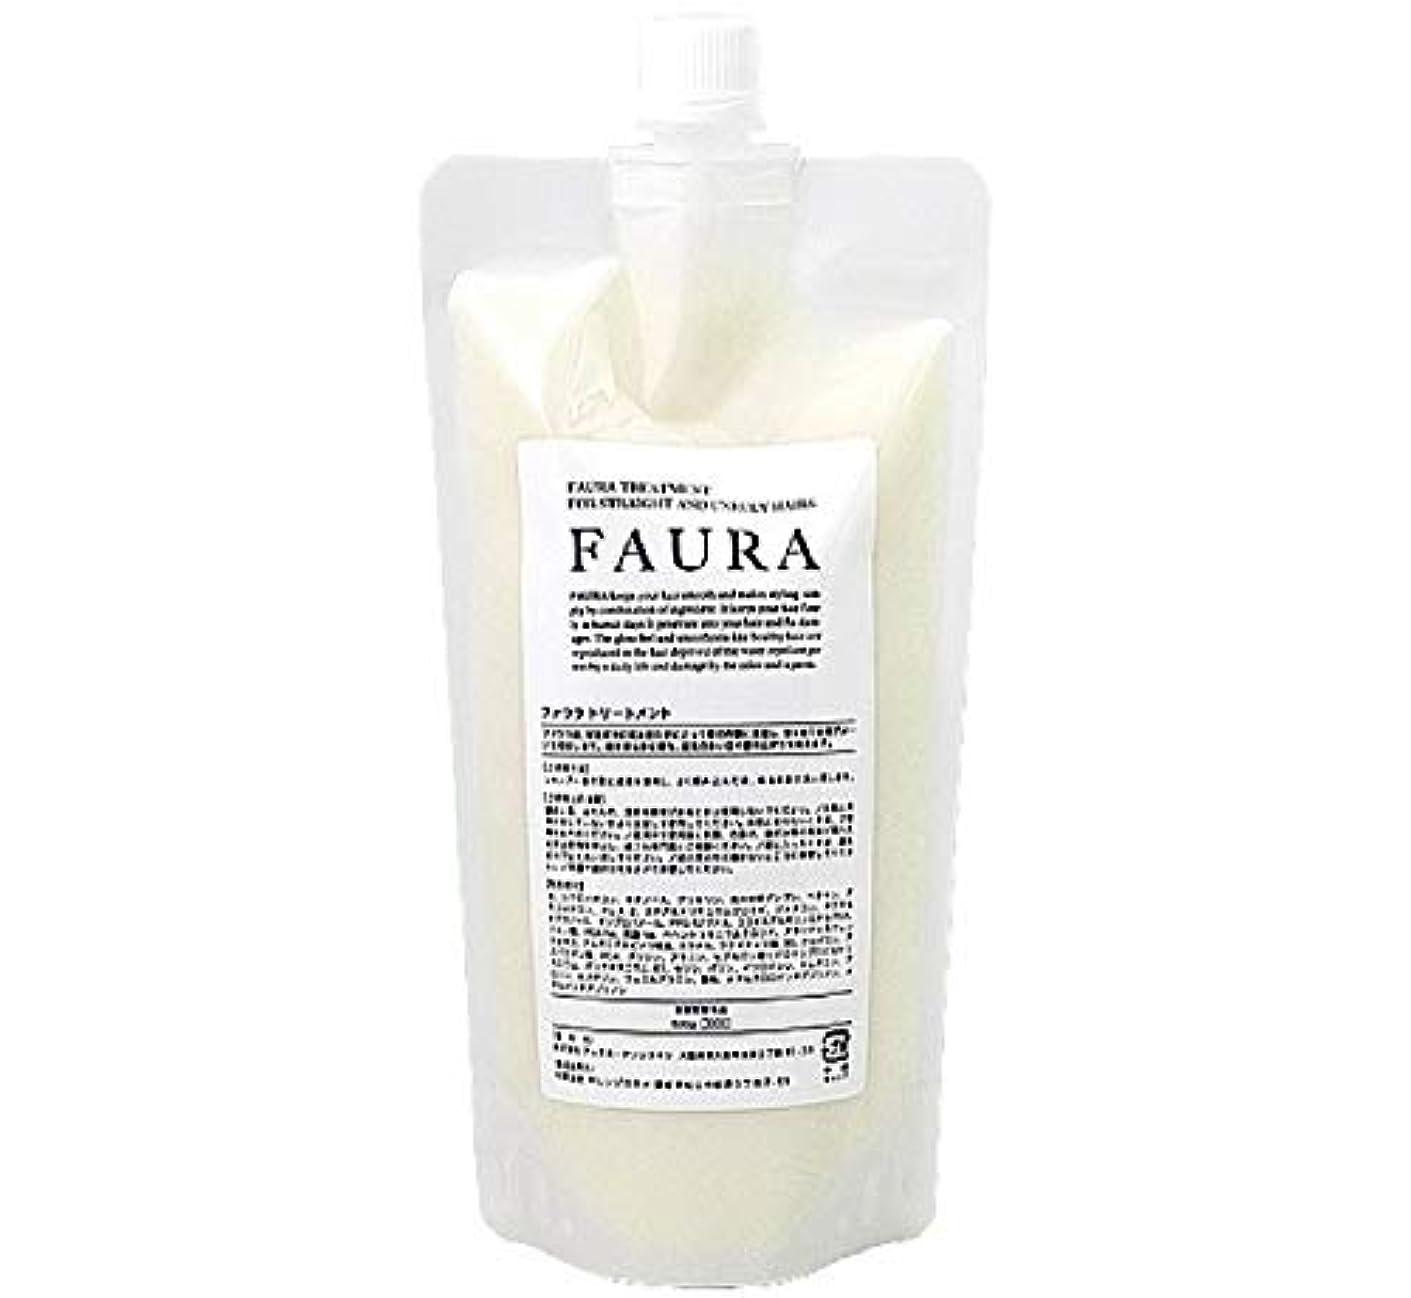 精神的にピア気づく【発売1年で3万本の売上】FAURA ファウラ ヘアトリートメント (傷んだ髪に) 詰替500g 【サロン専売品】